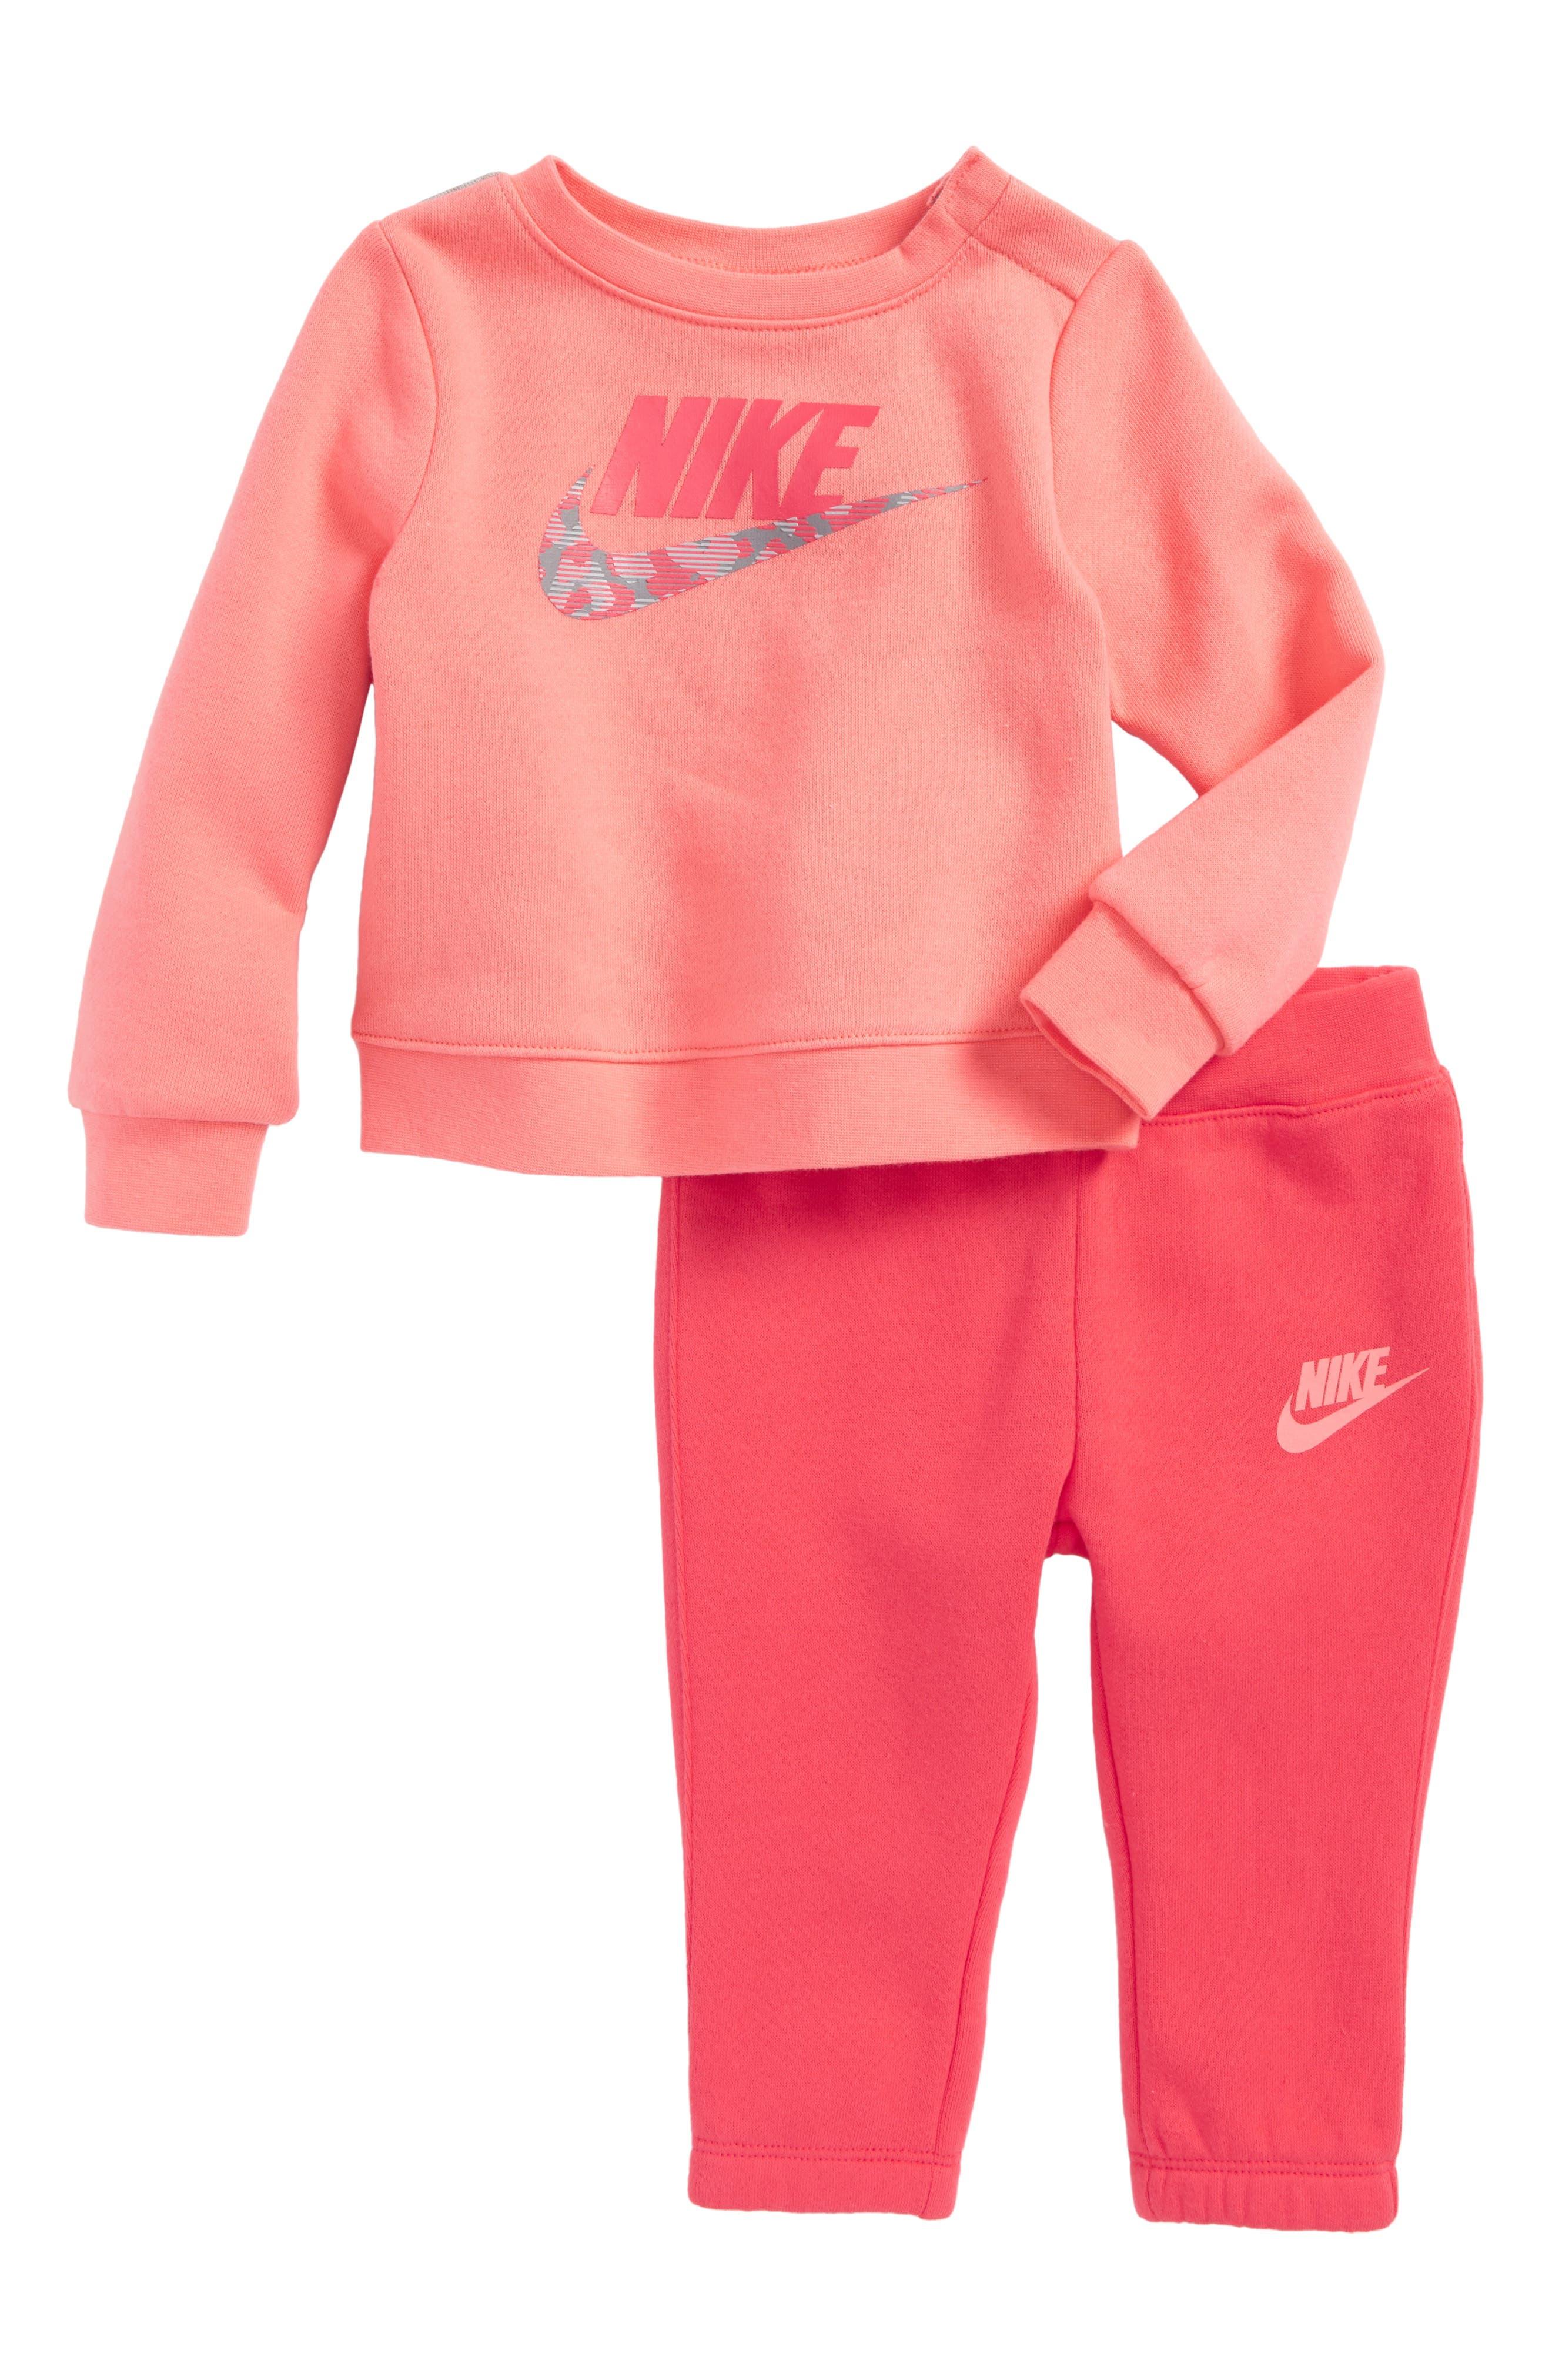 Main Image - Nike Fleece Sweatshirt & Sweatpants Set (Baby Girls)